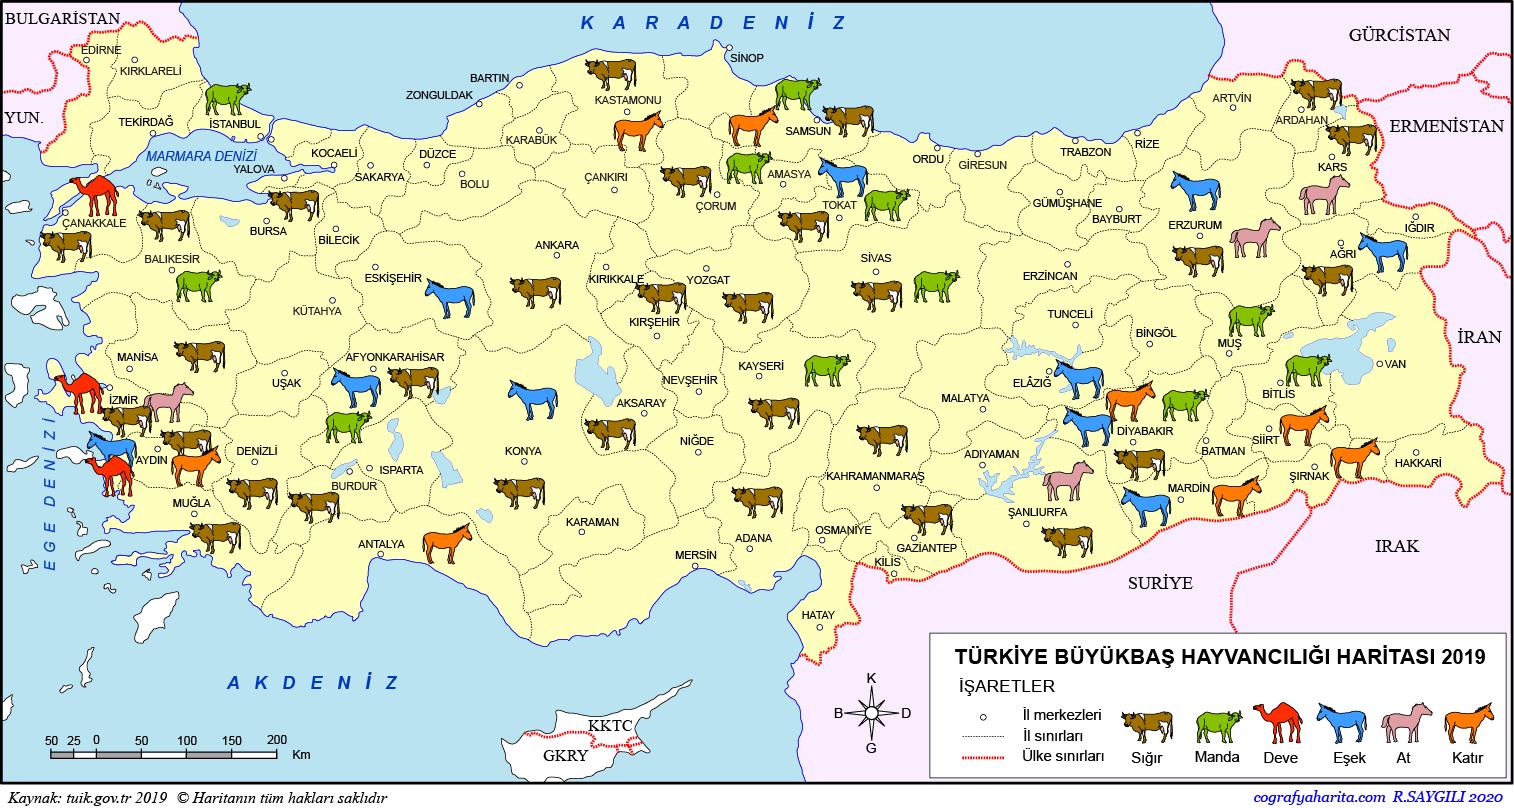 Türkiye Büyükbaş Hayvancılık Haritası